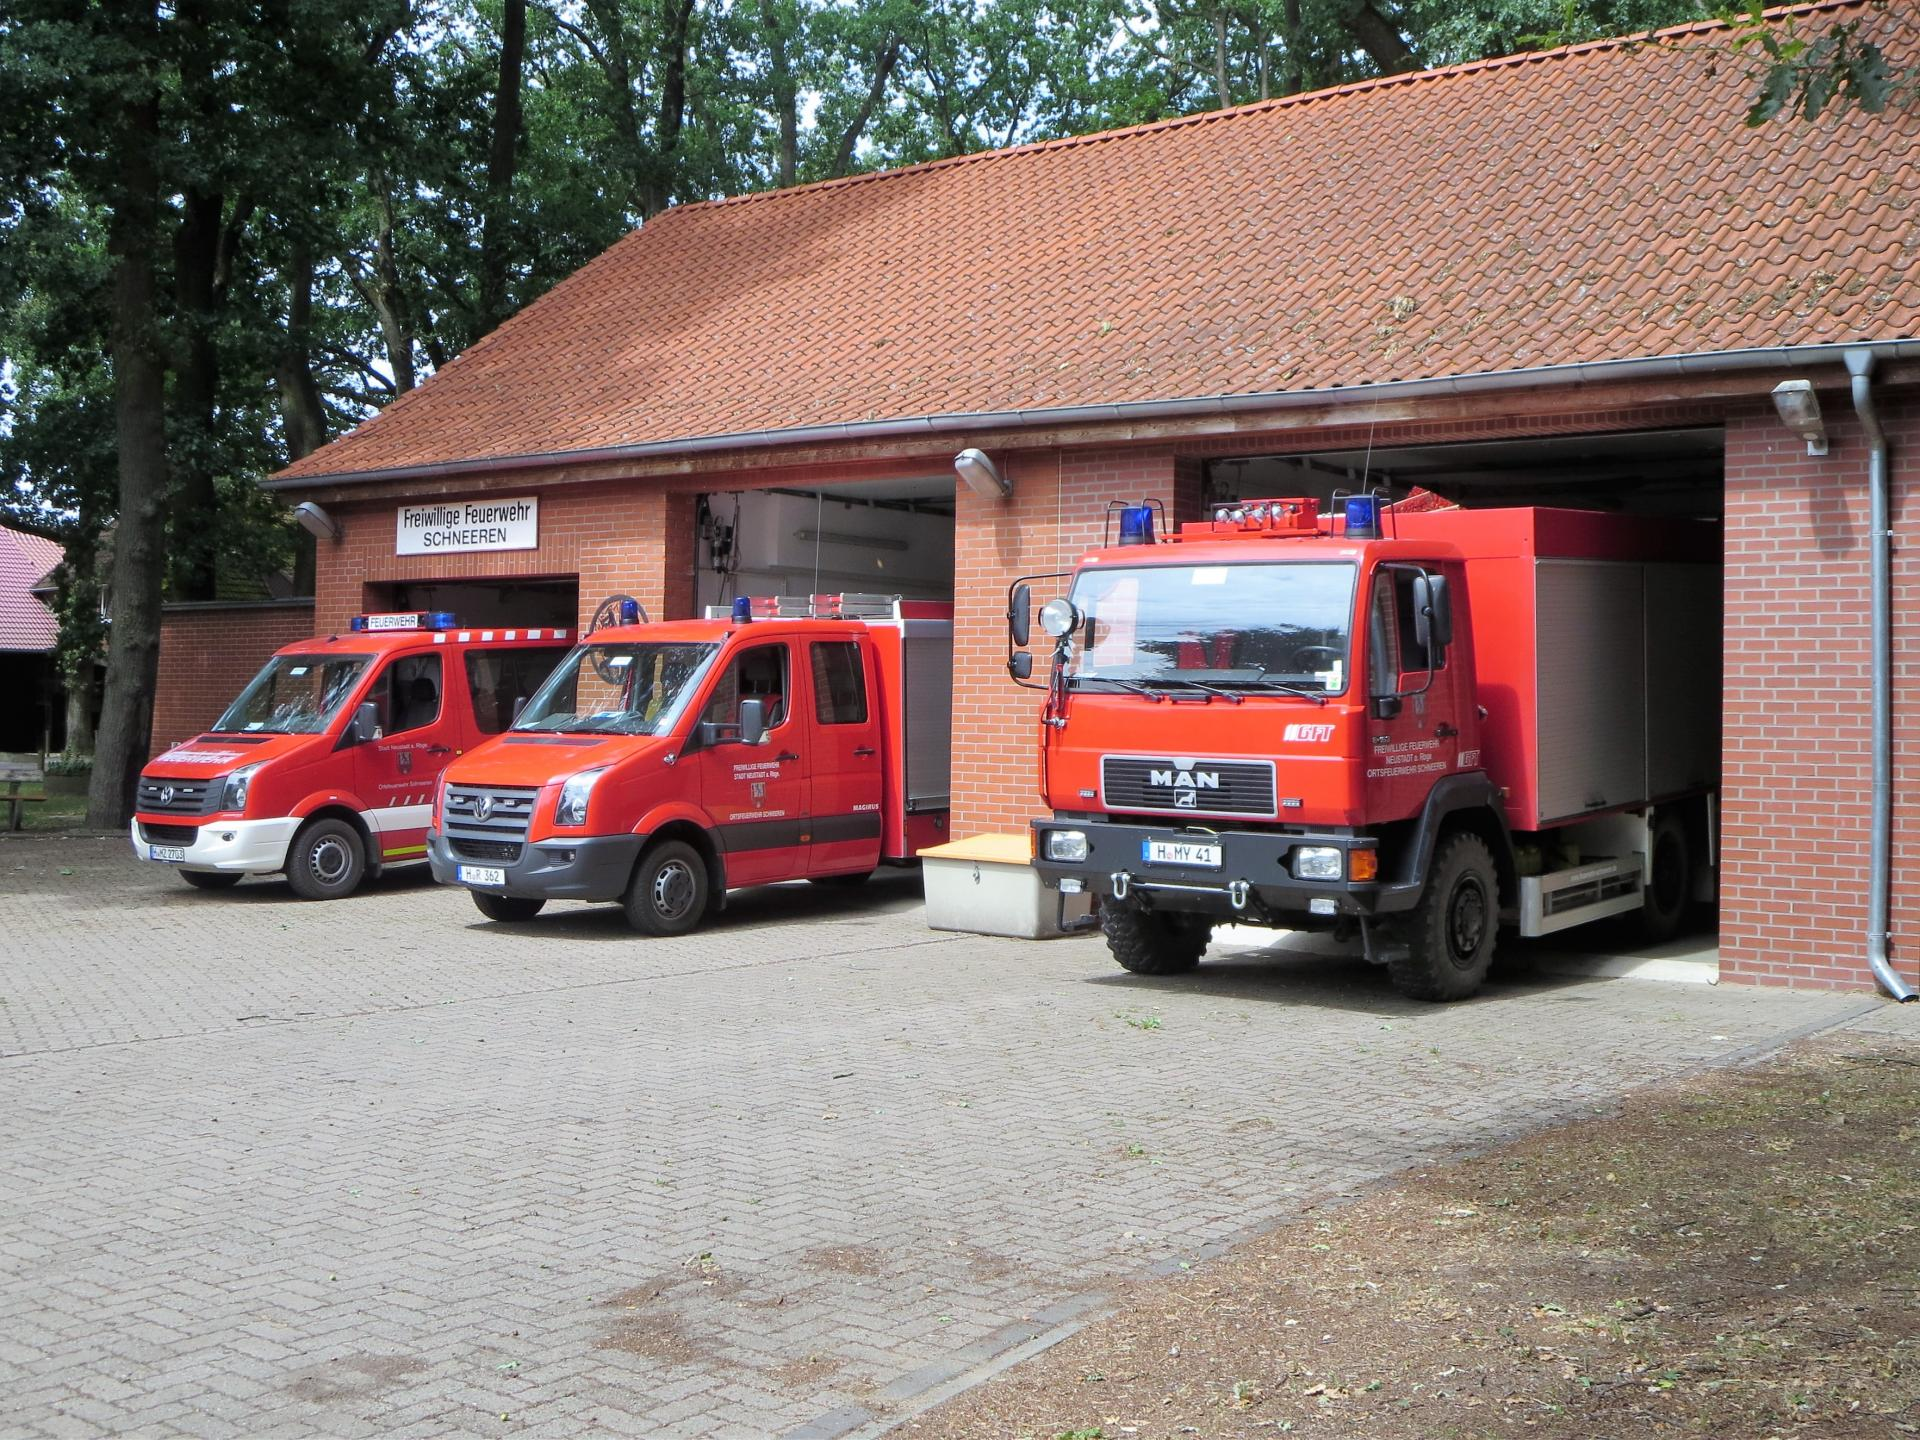 Feuerwehrhaus mit Fahrzeugen (4)